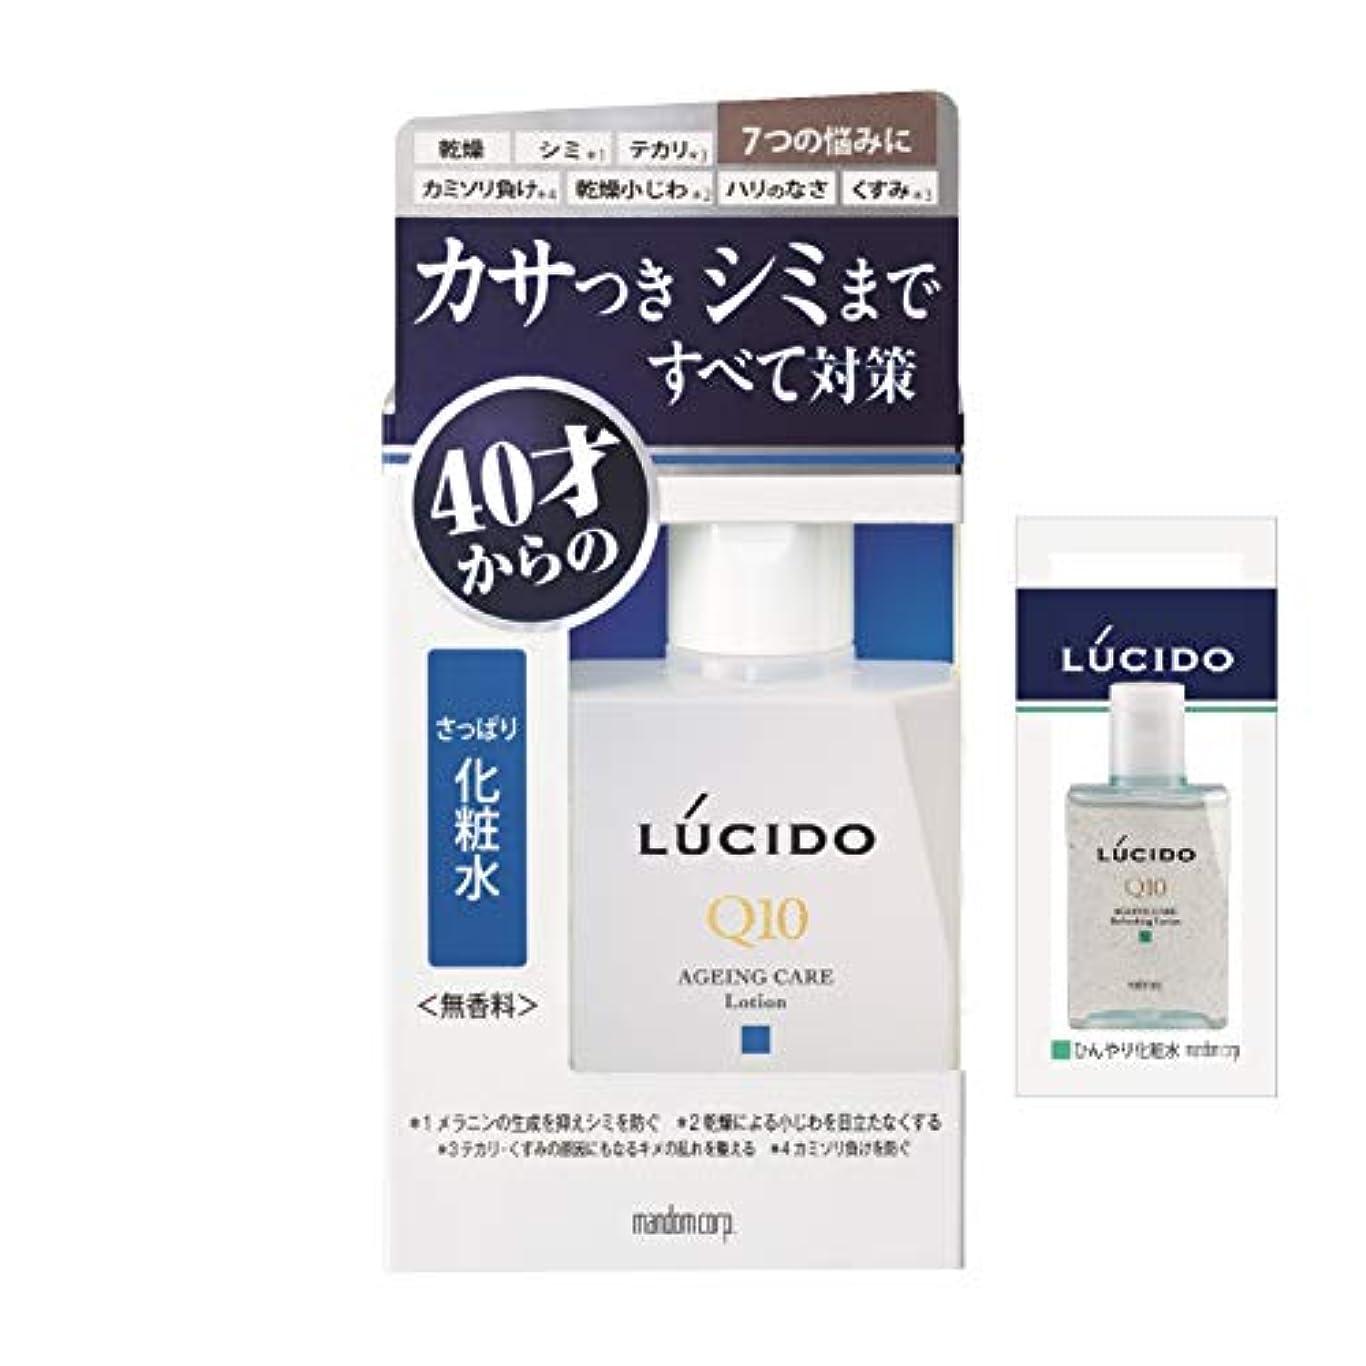 あごを必要としています計画的【Amazon.co.jp限定】 LUCIDO(ルシード) ルシード 薬用 トータルケア化粧水 (医薬部外品) 110ml+サンプル付